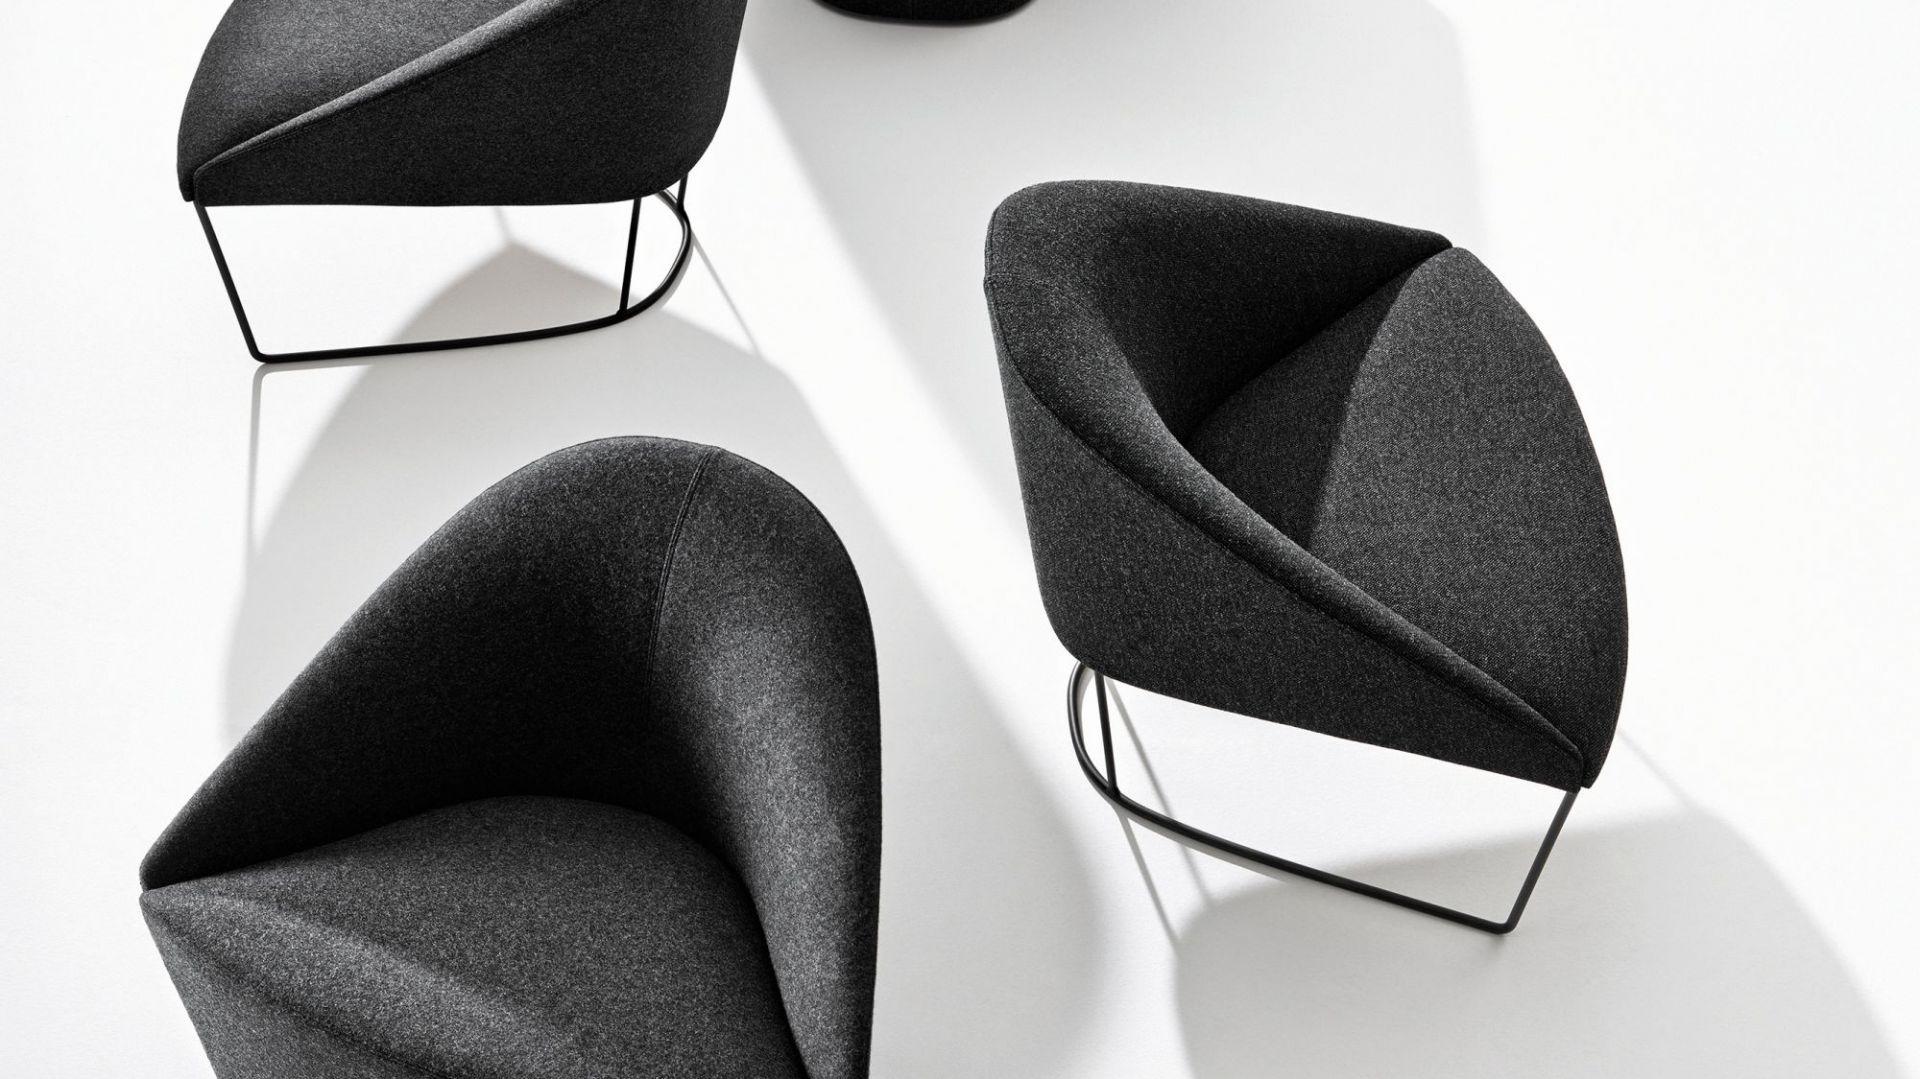 Krzesła z serii Colina. Fot. Arper